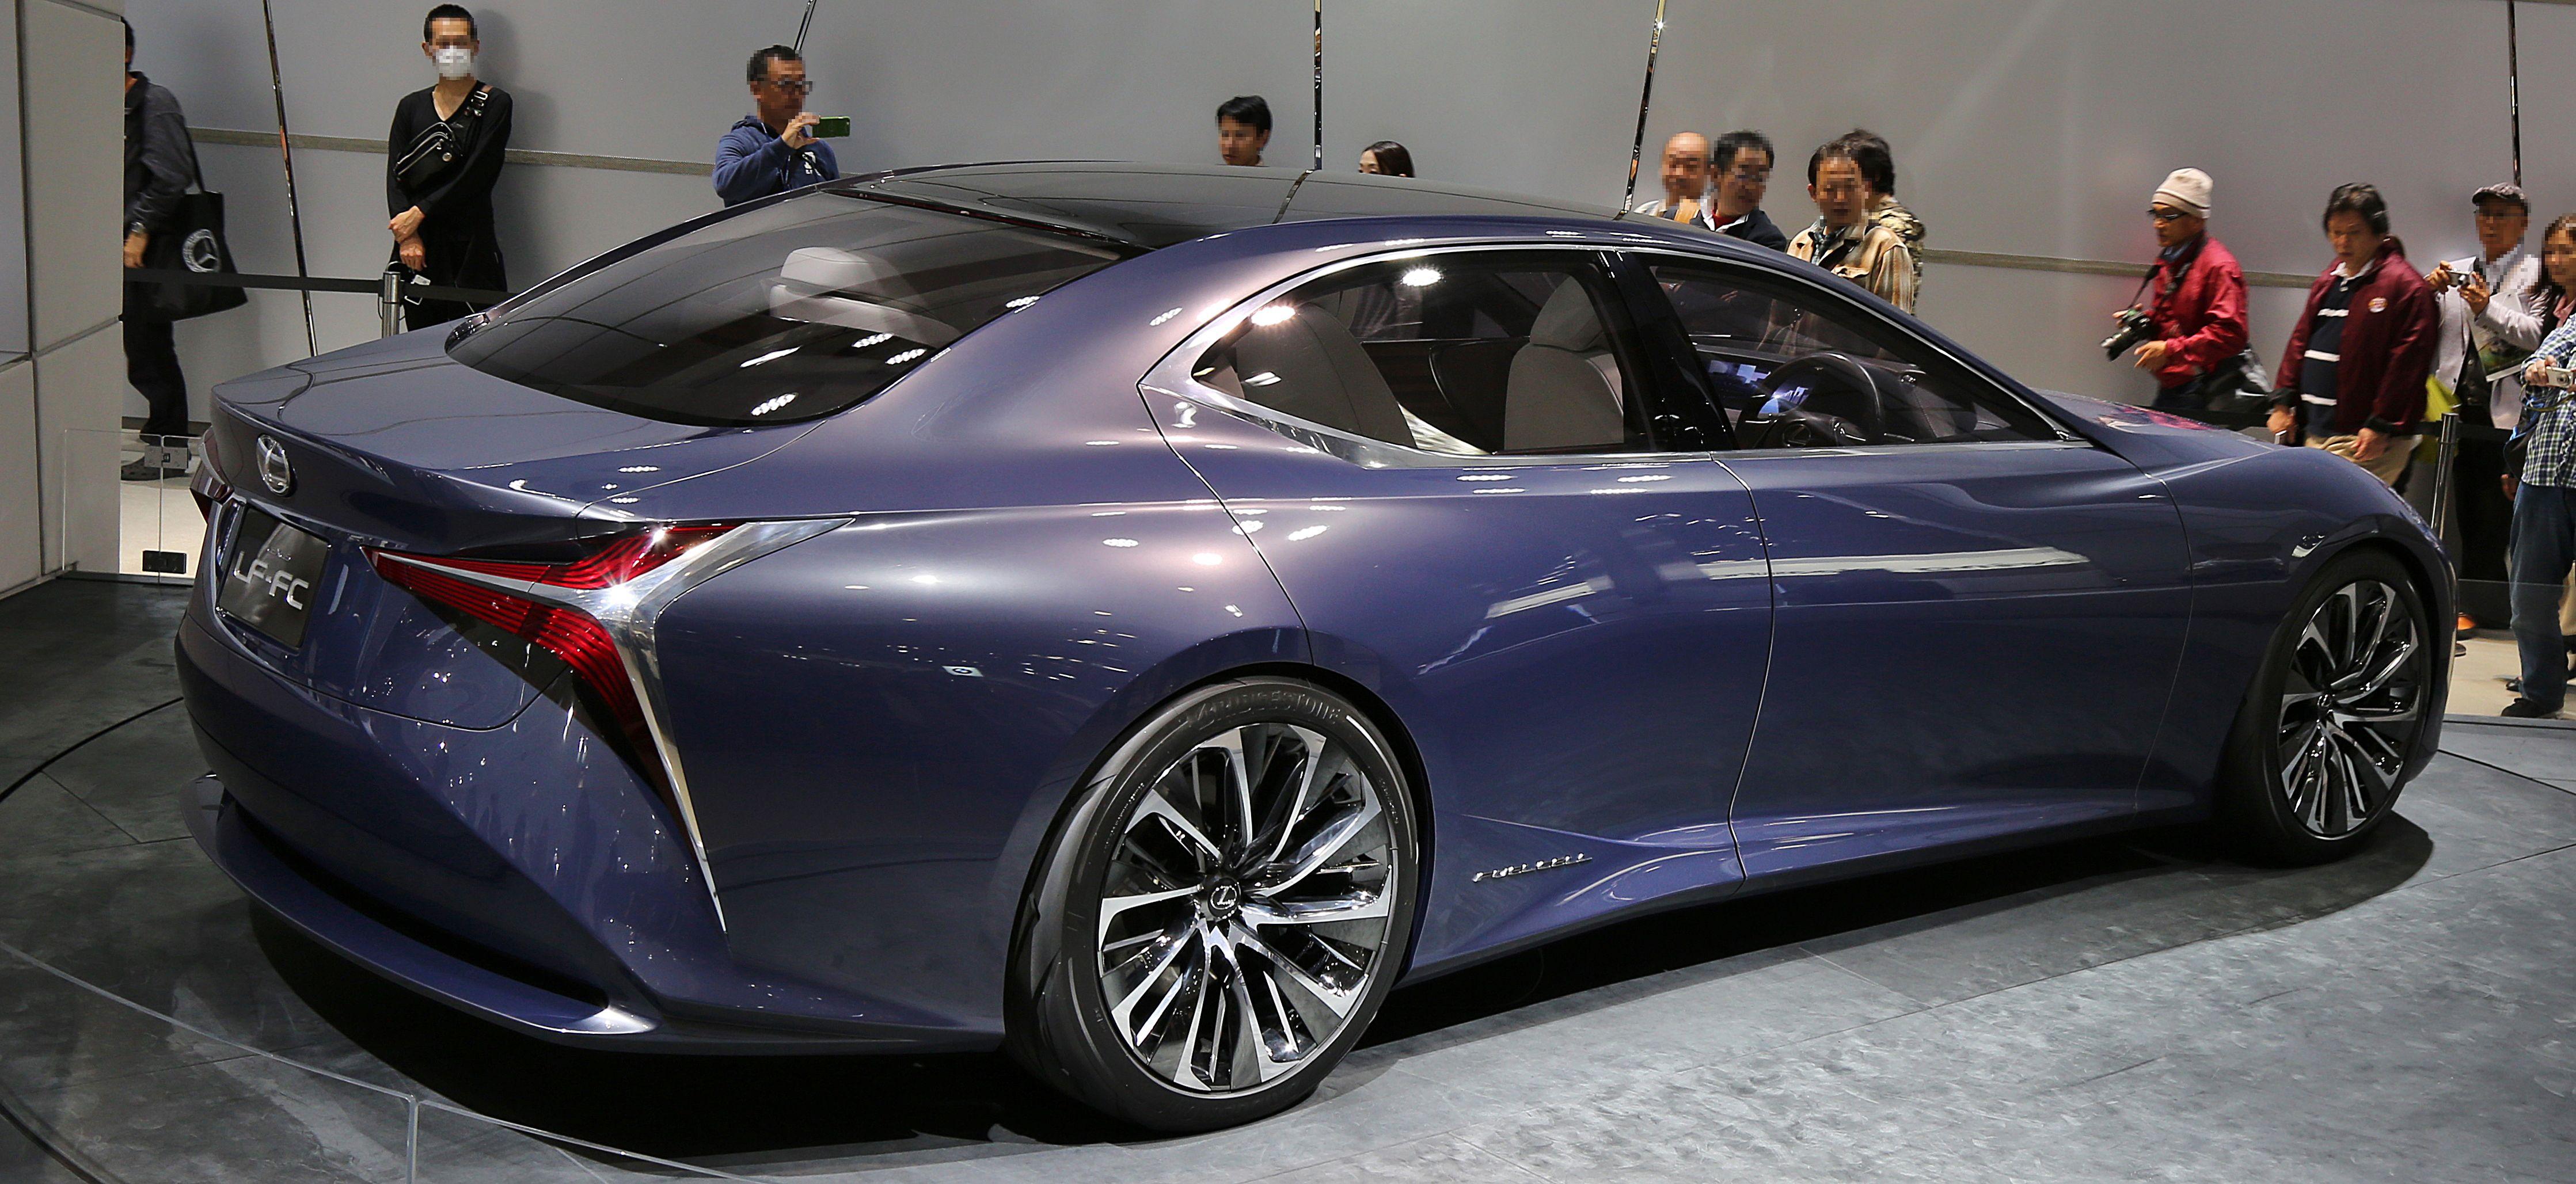 https://upload.wikimedia.org/wikipedia/commons/8/85/Lexus_LF-FC_rear.jpg